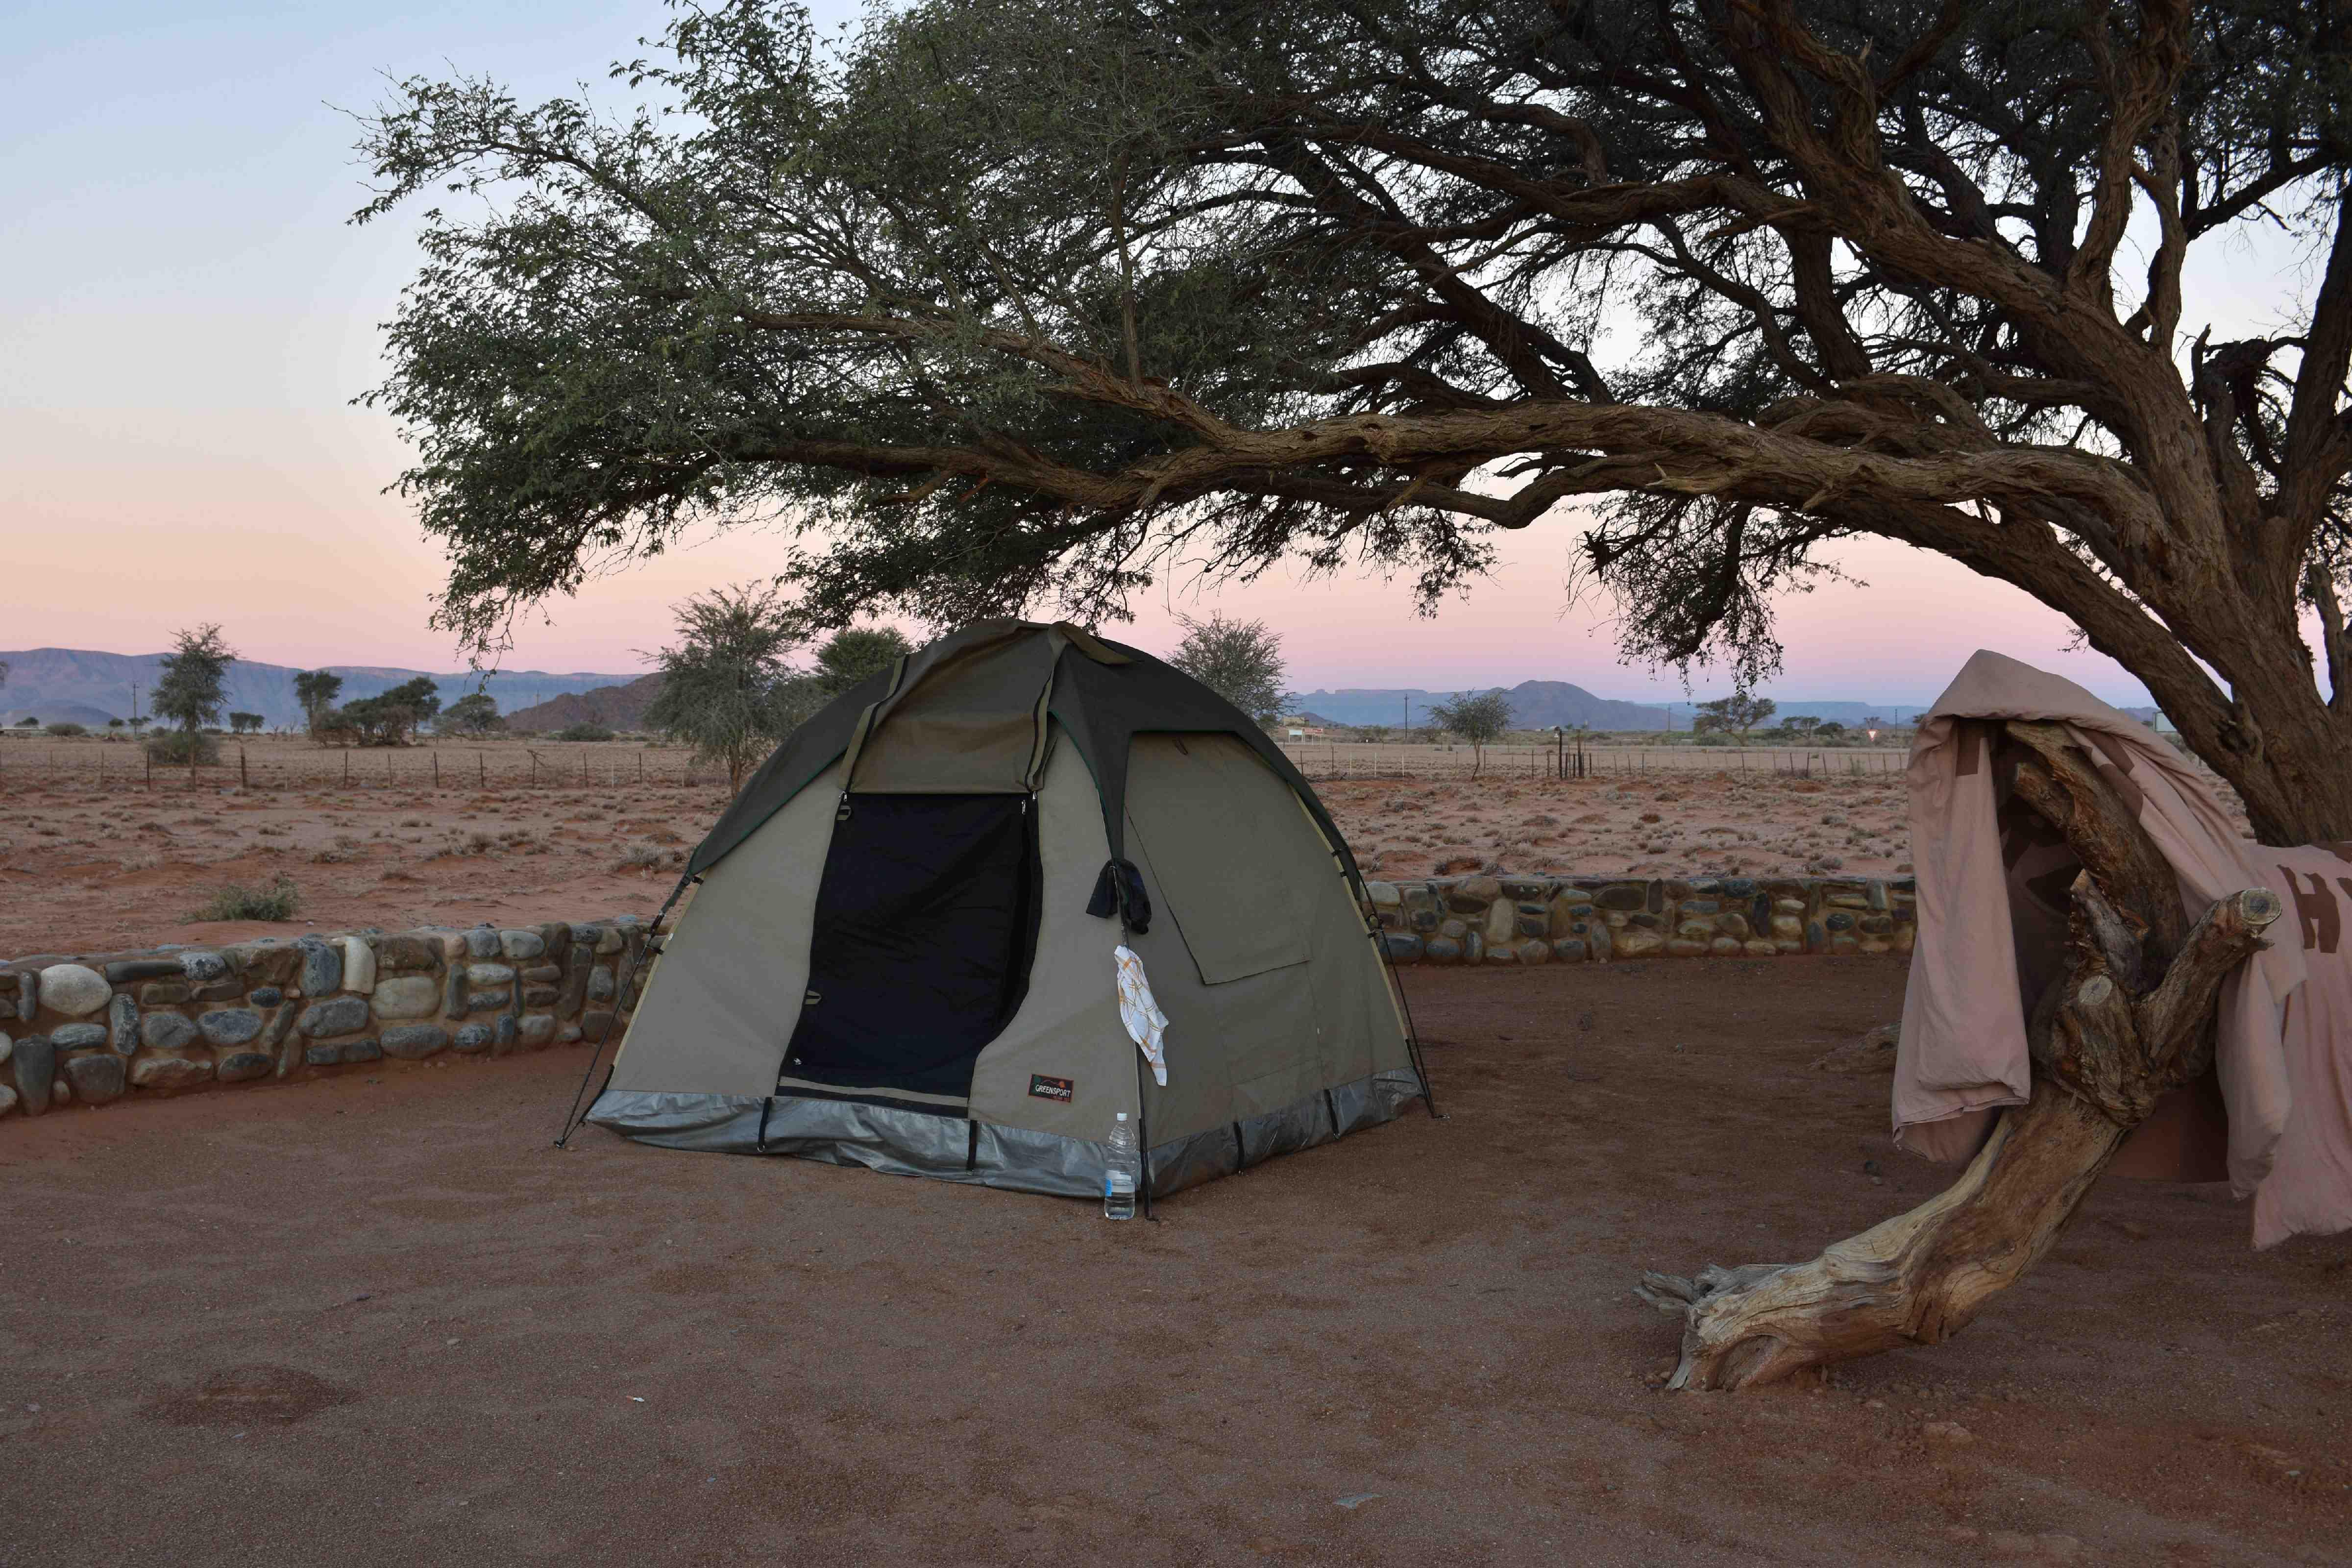 Sesriem campsite